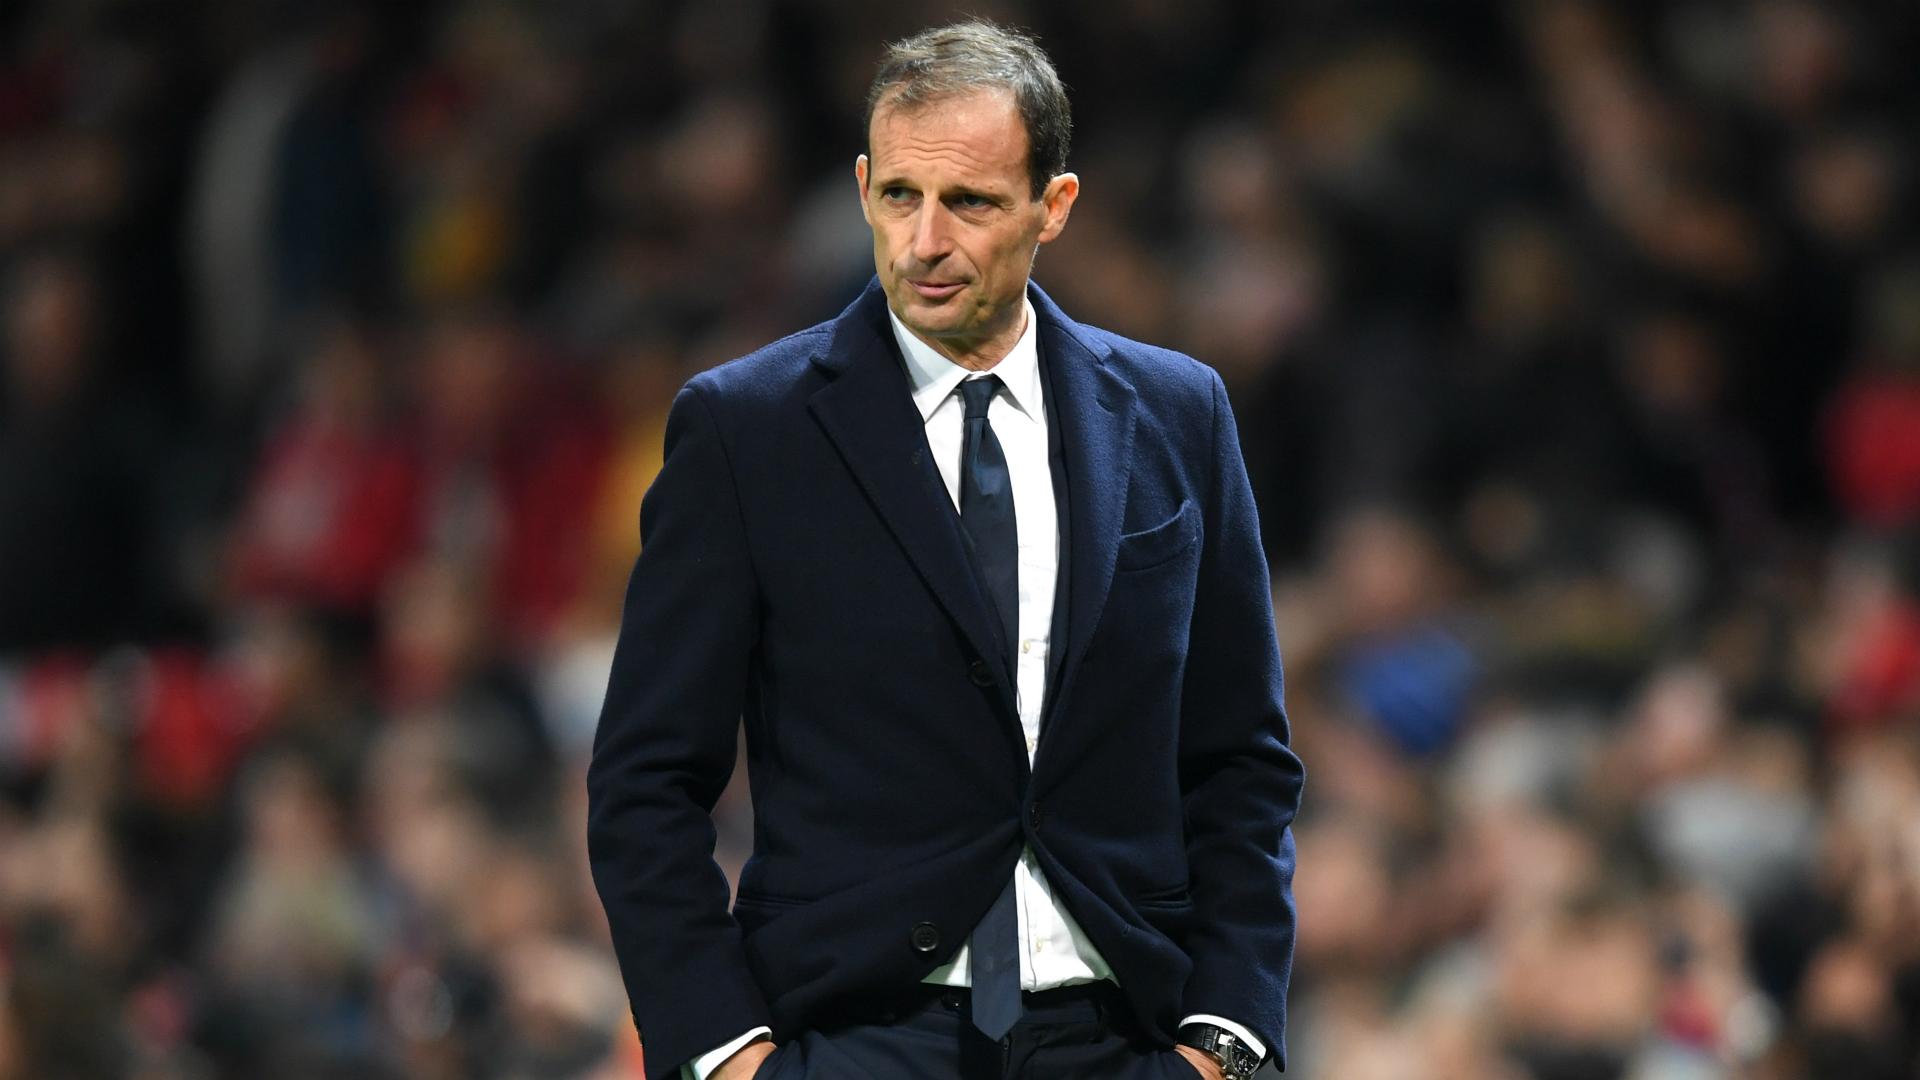 Max Allegri Juventus coach